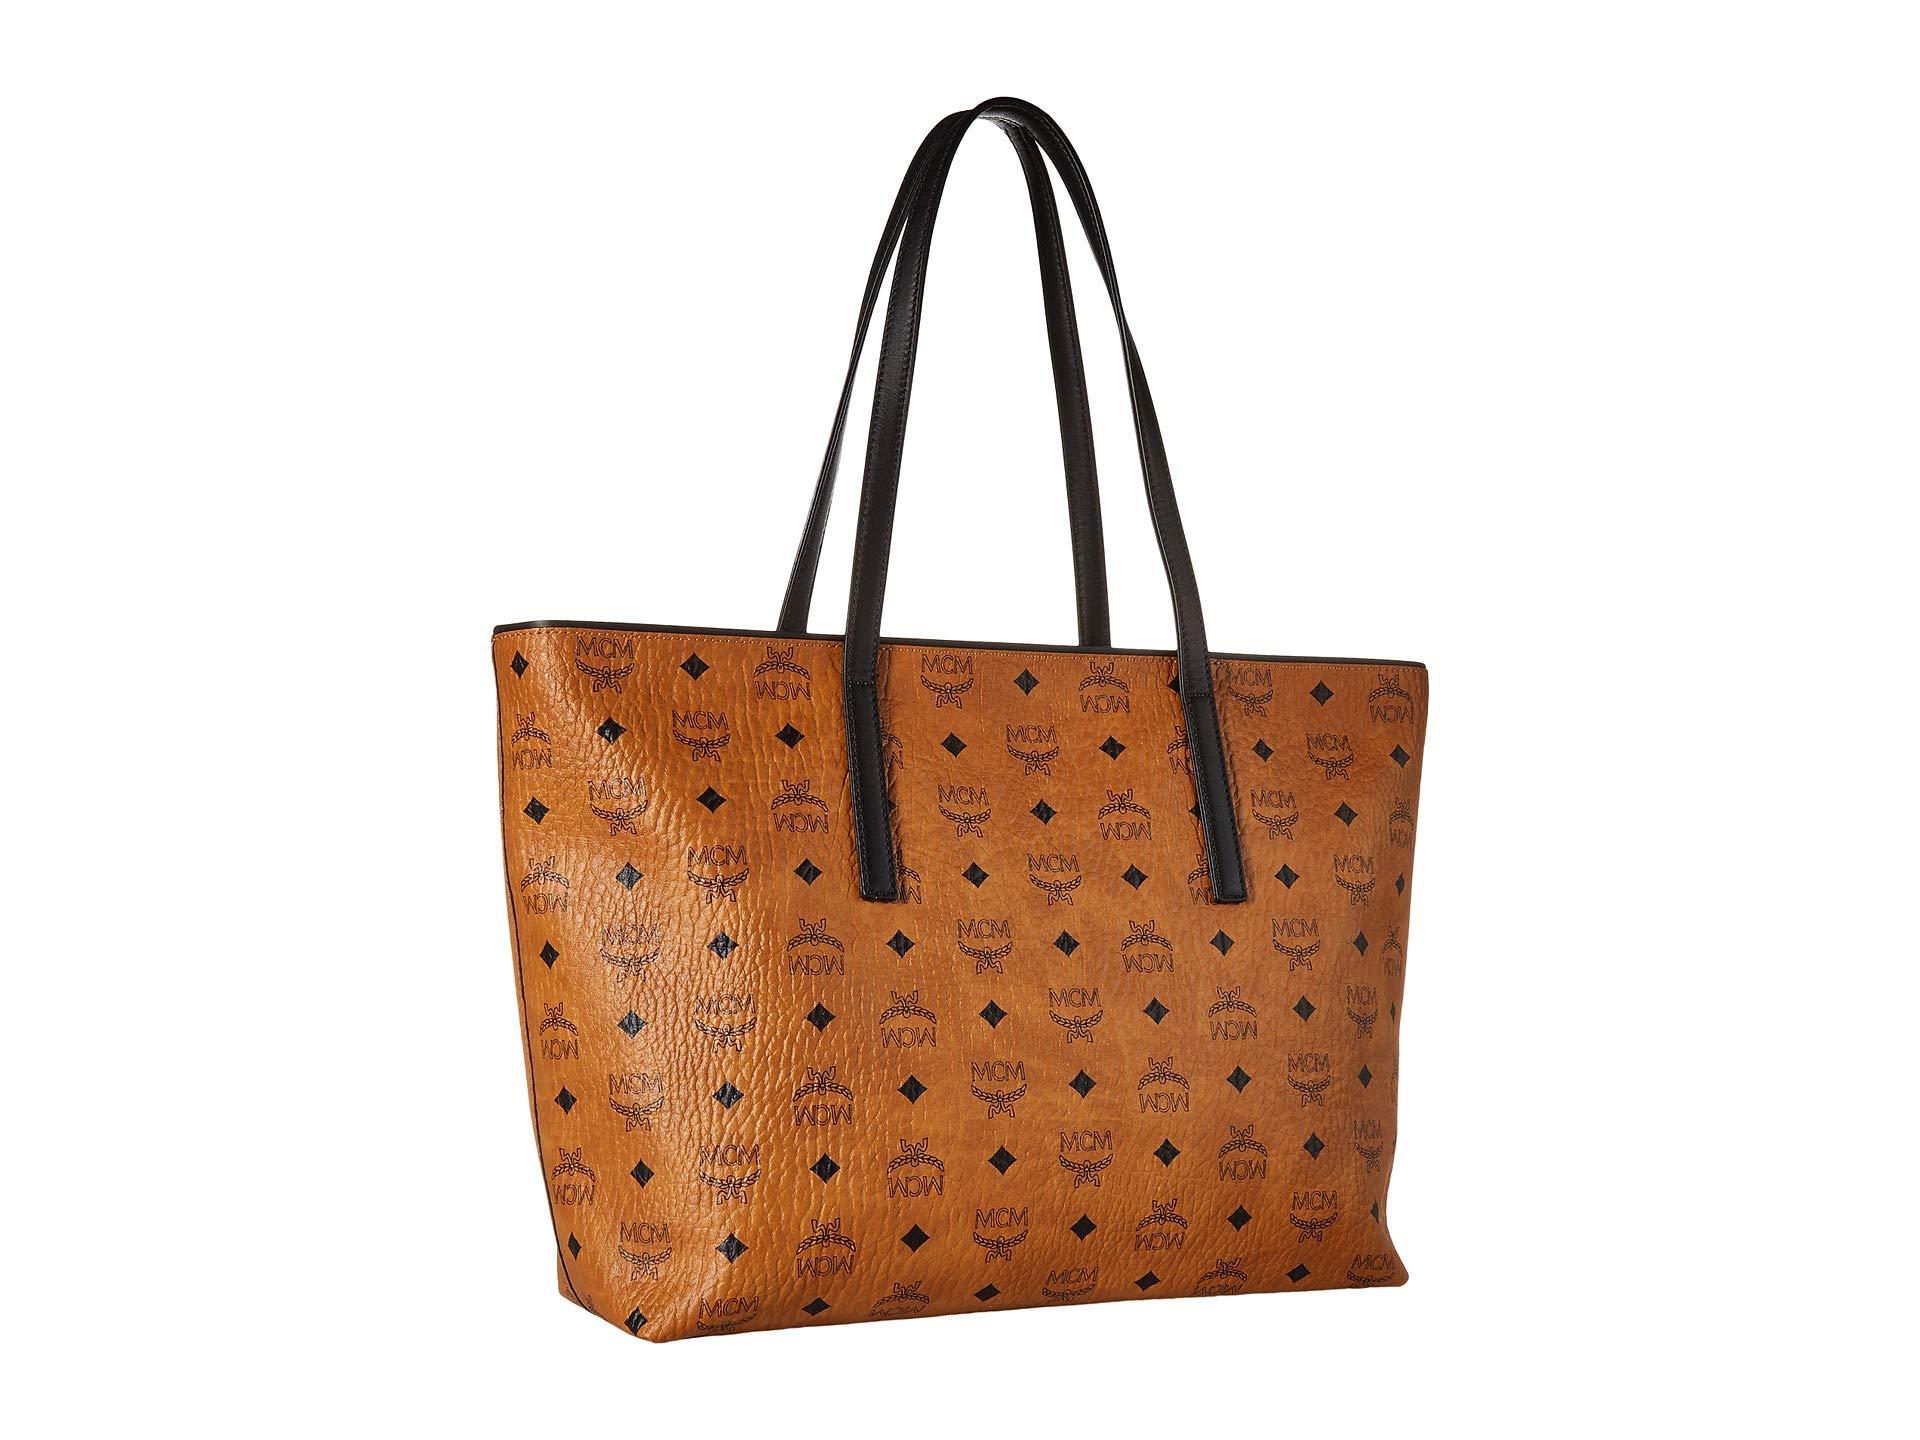 Shopper Mcm Cognac Anya Mcm Medium Anya t6Hvwq